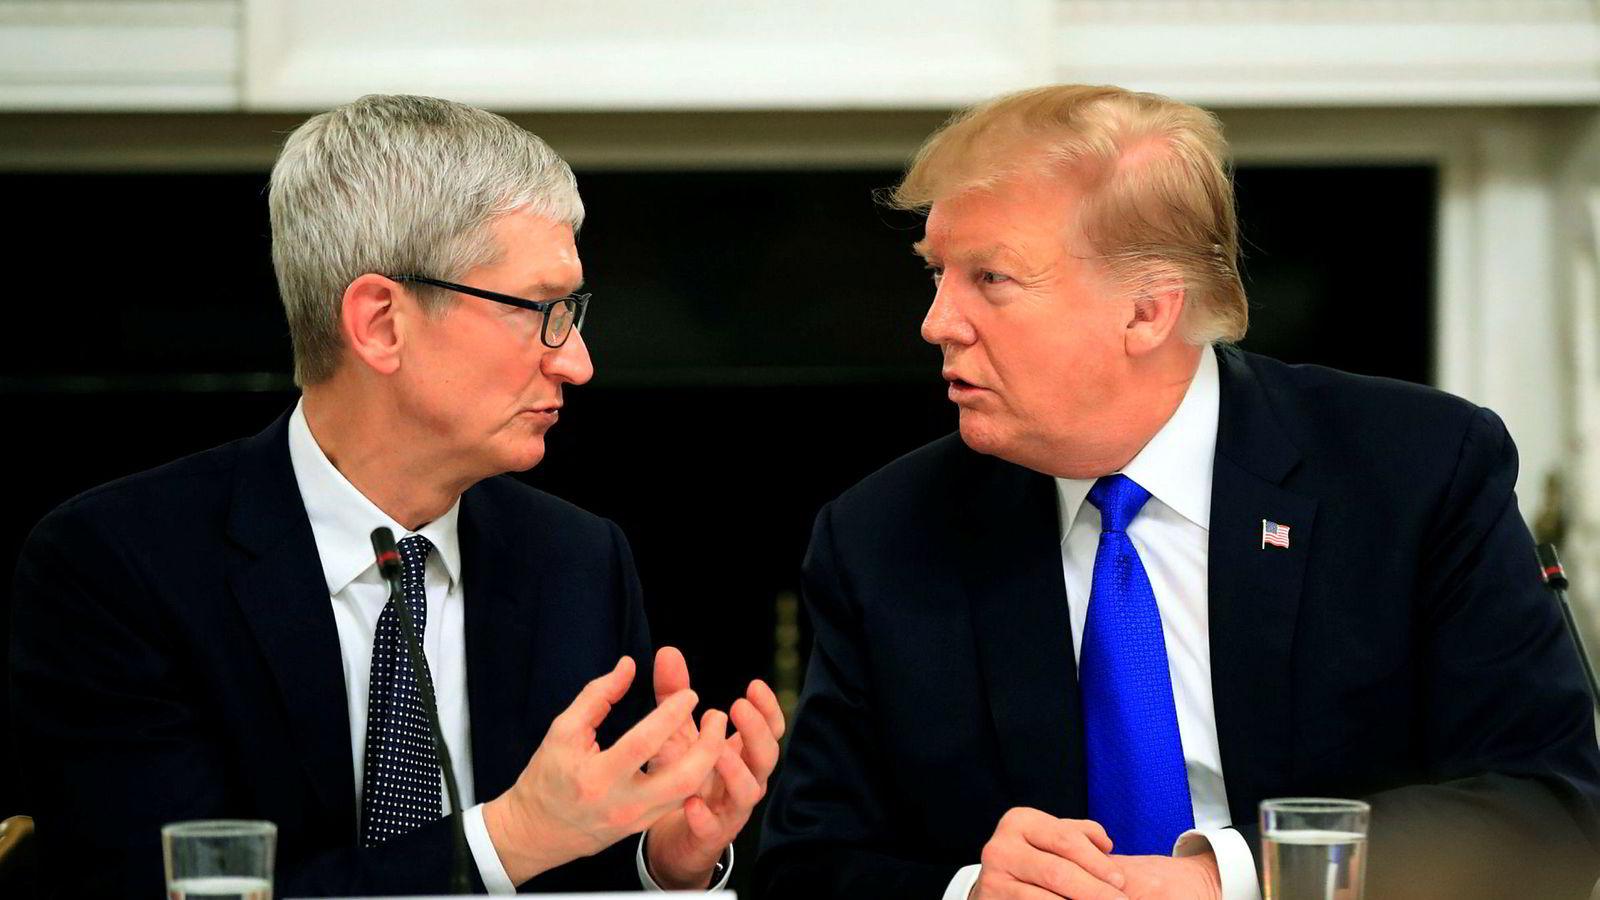 Apples konsernsjef Tim Cook har klart å forklare Donald Trump at amerikanske selskaper og forbrukere må ta regningen på straffetoller som innføres på kinesisk import. De to spiste middag sammen sist fredag og diskuterte blant annet konsekvensene av handelskrigen. Bildet er fra en tidligere anledning.